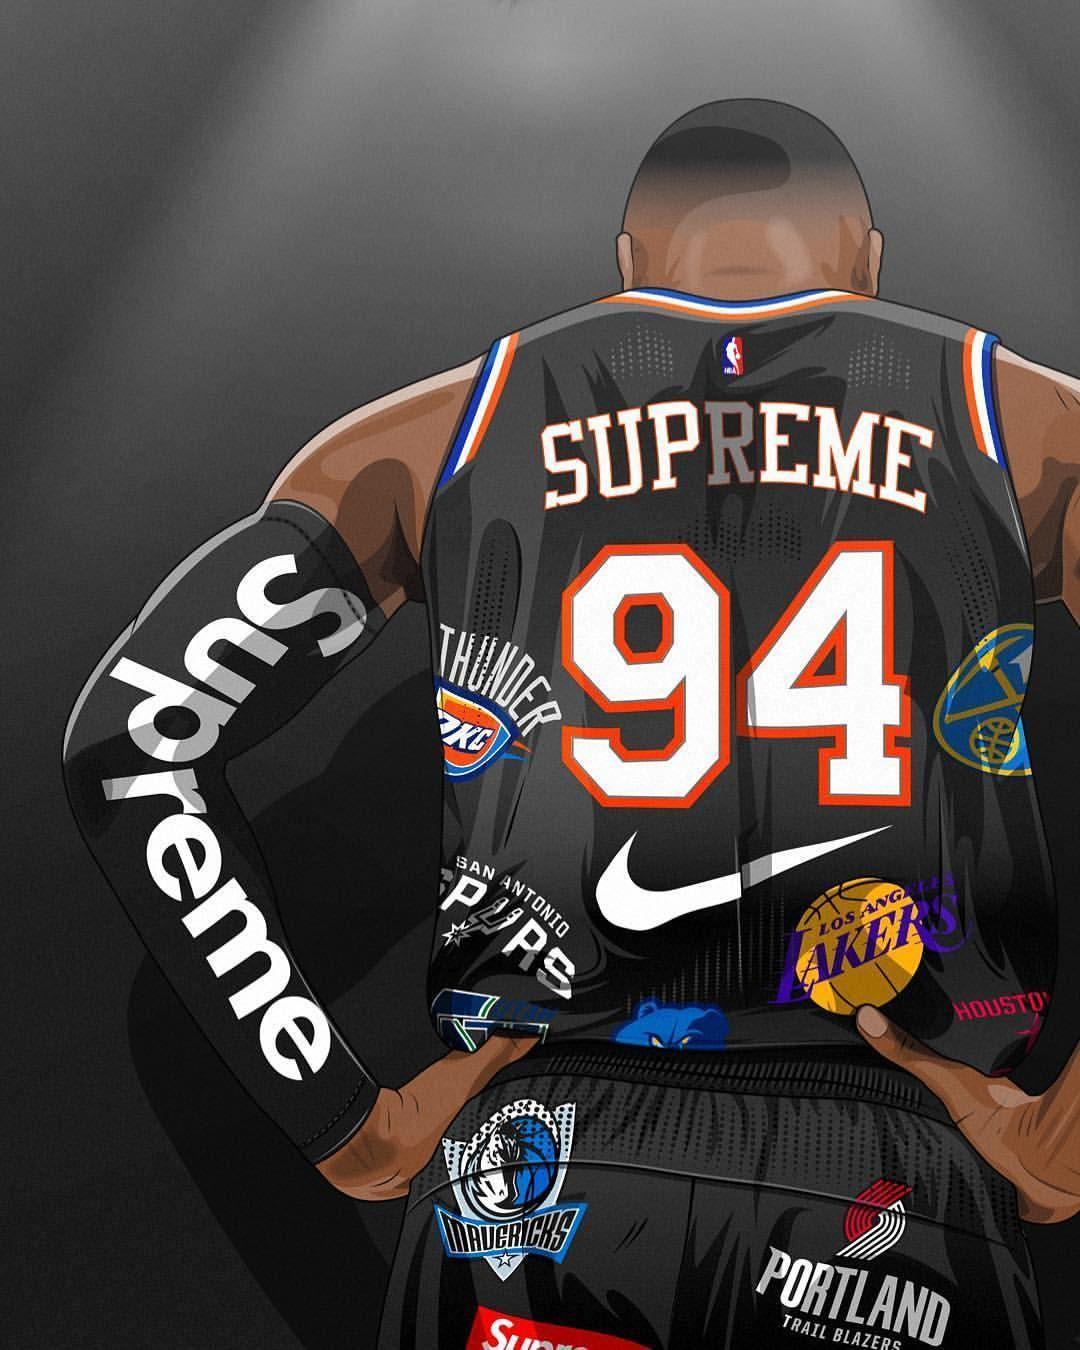 Supreme Basketball Wallpapers Top Free Supreme Basketball